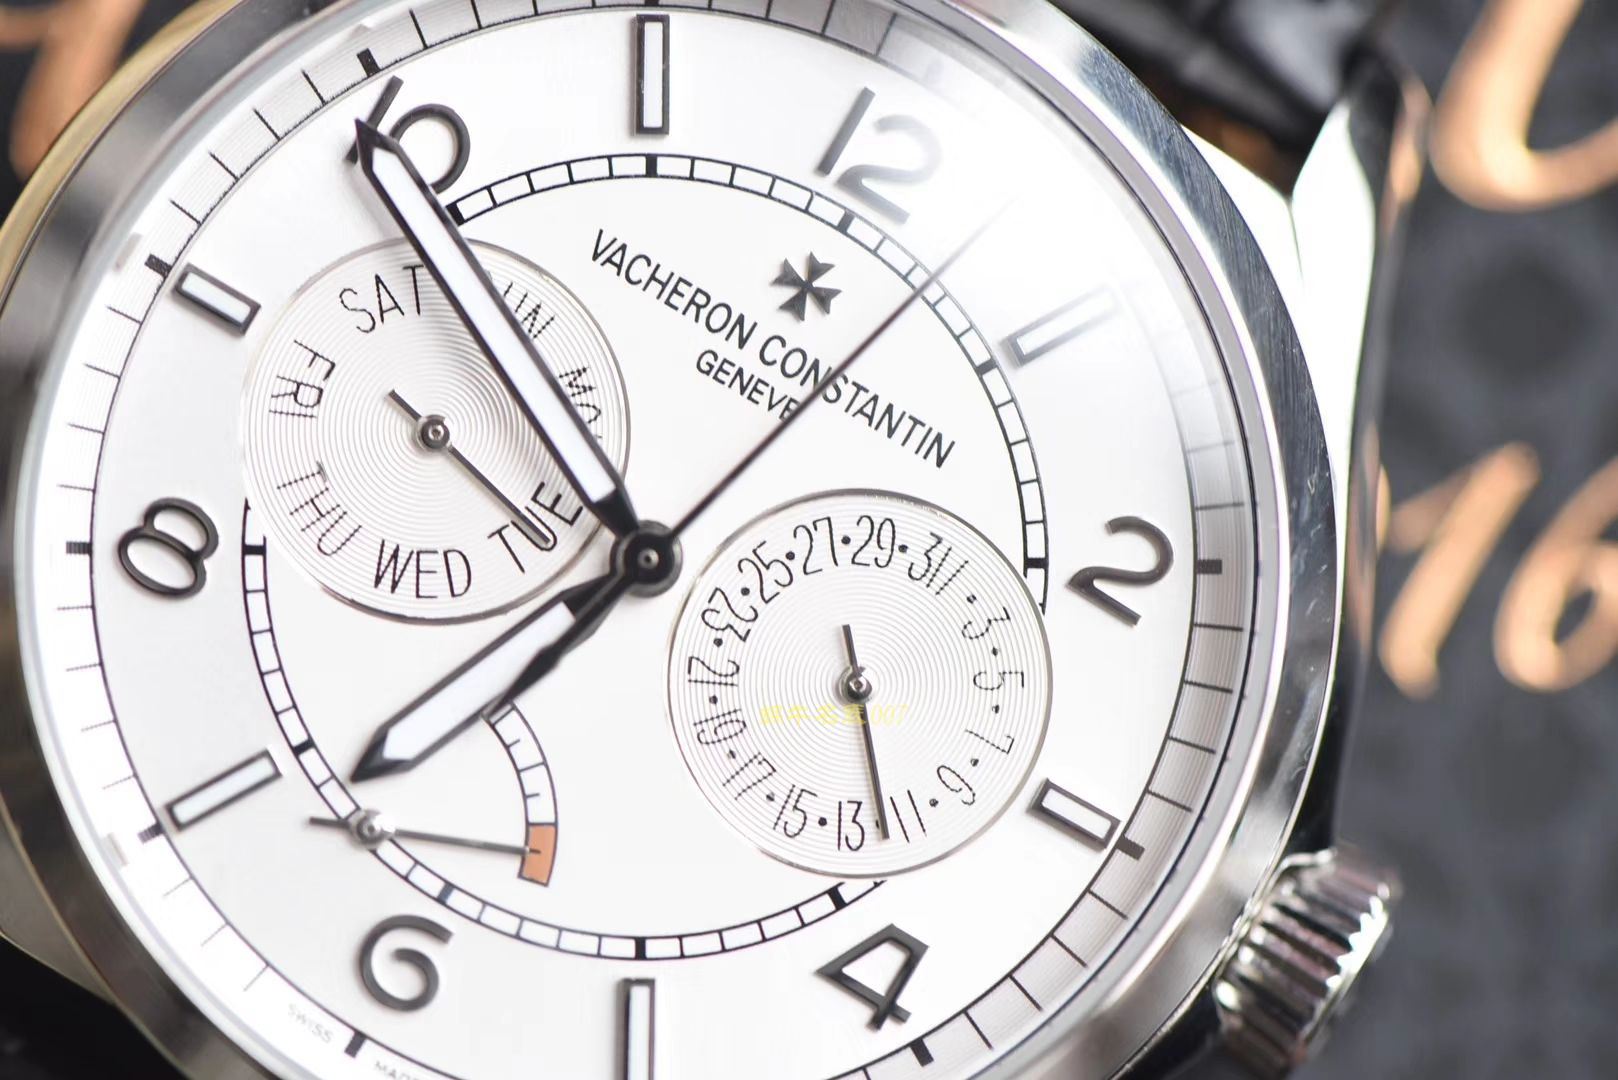 【视频评测TWA一比一高仿手表】江诗丹顿伍陆之型系列4400E/000A-B437腕表